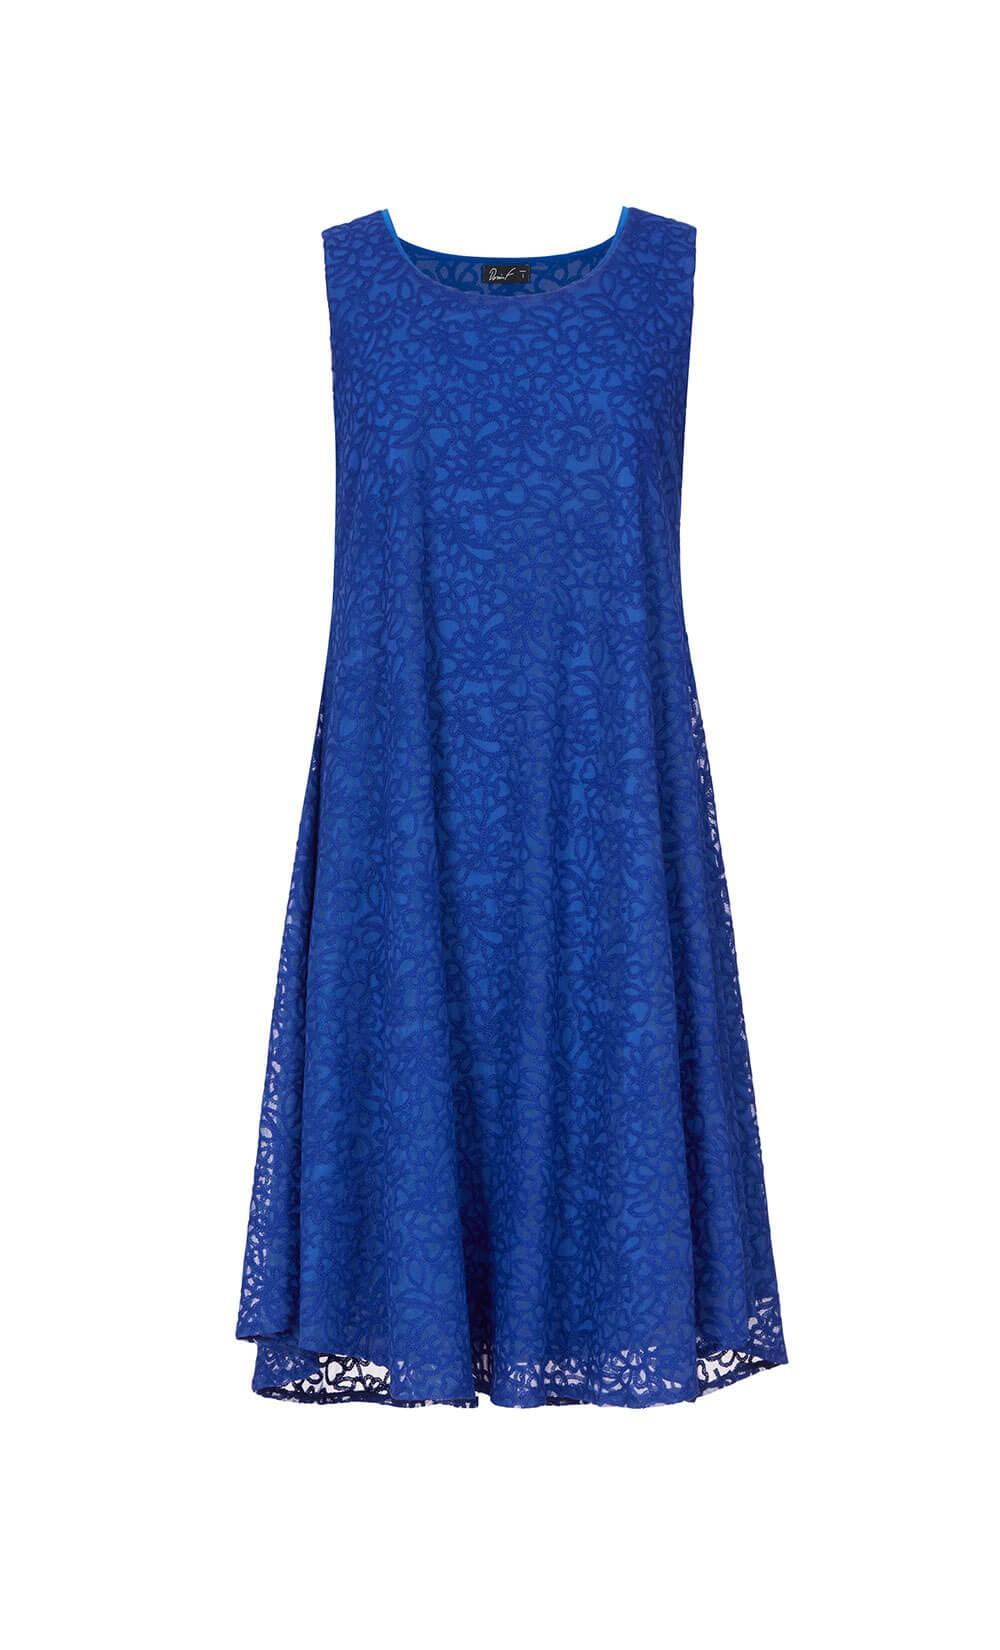 Nostra Dress